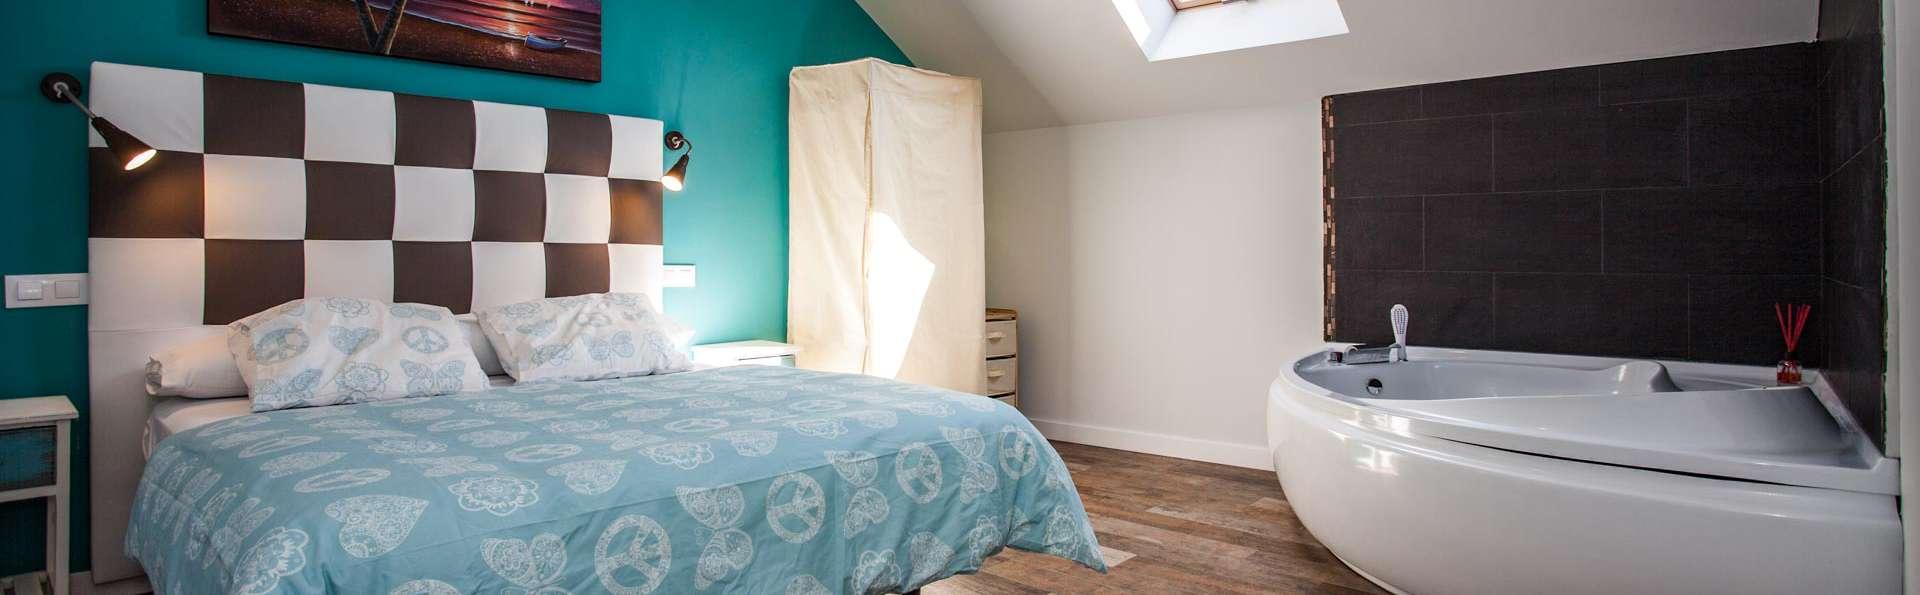 Escapada romántica cerca de Madrid con precioso jacuzzi en la habitación